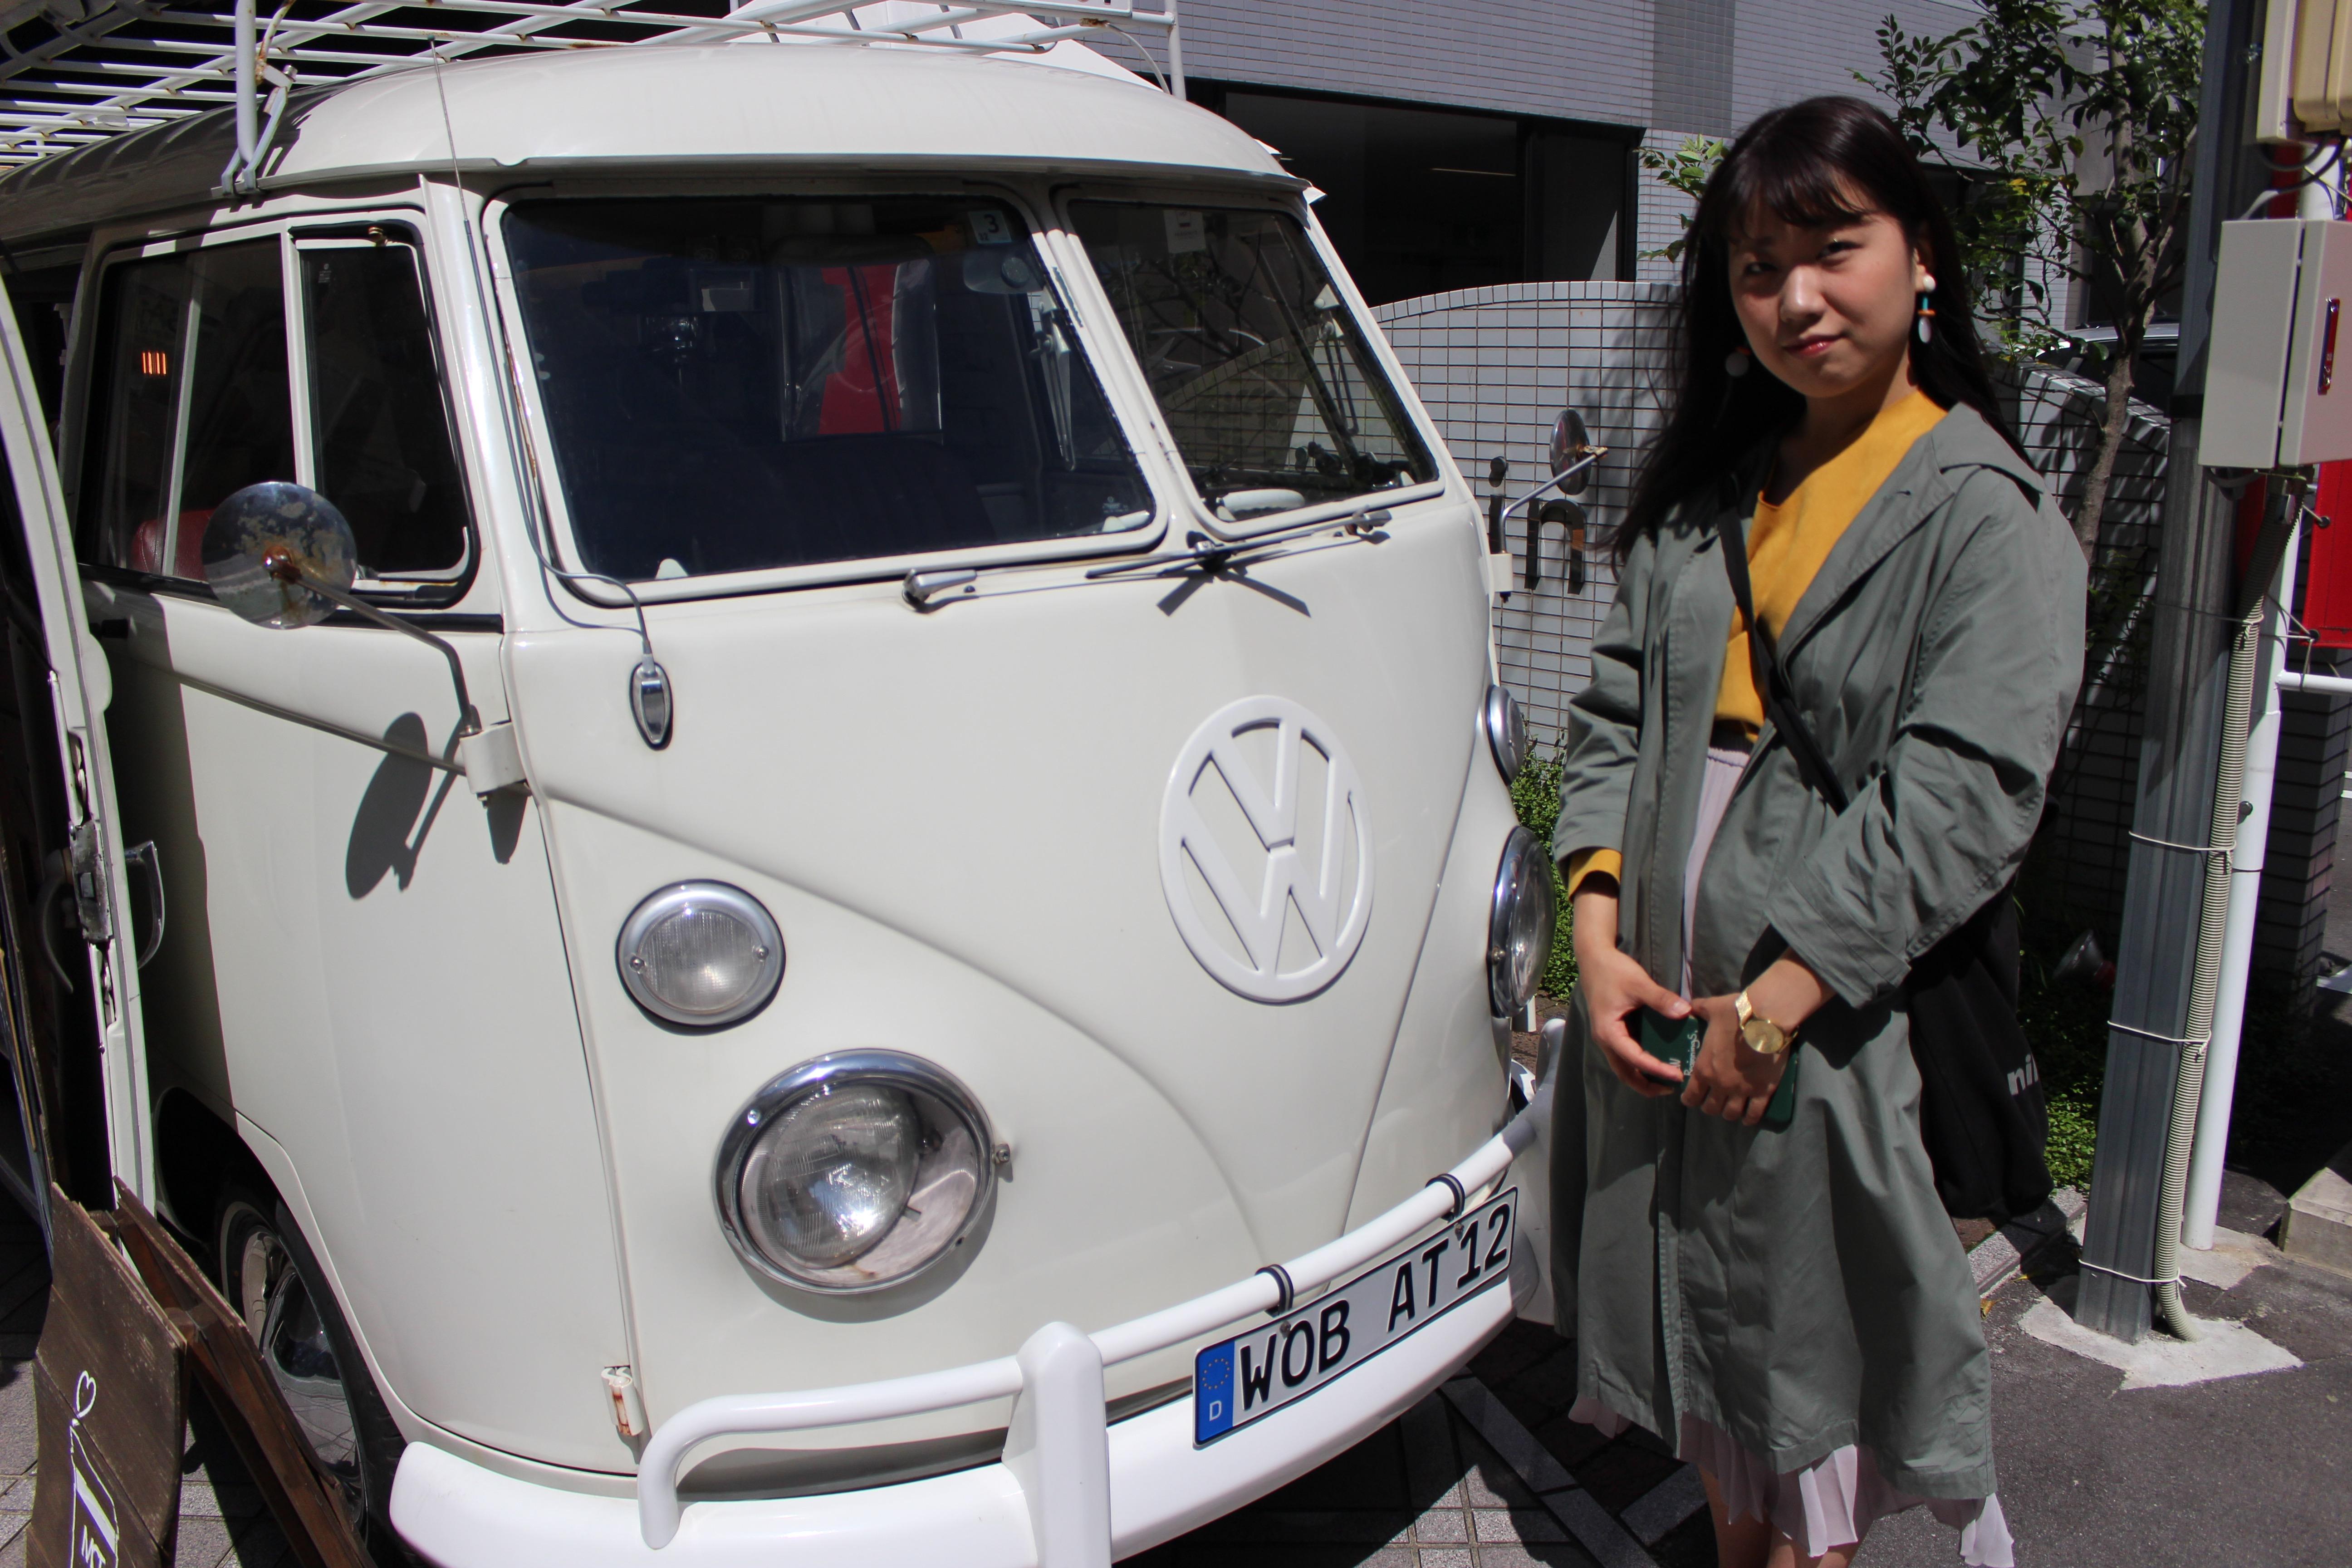 【名古屋駅近の移動販売カフェ】マグニーズコーヒートラックの口コミ感想評価!「キッチンカーをやりたくなったぜ!」